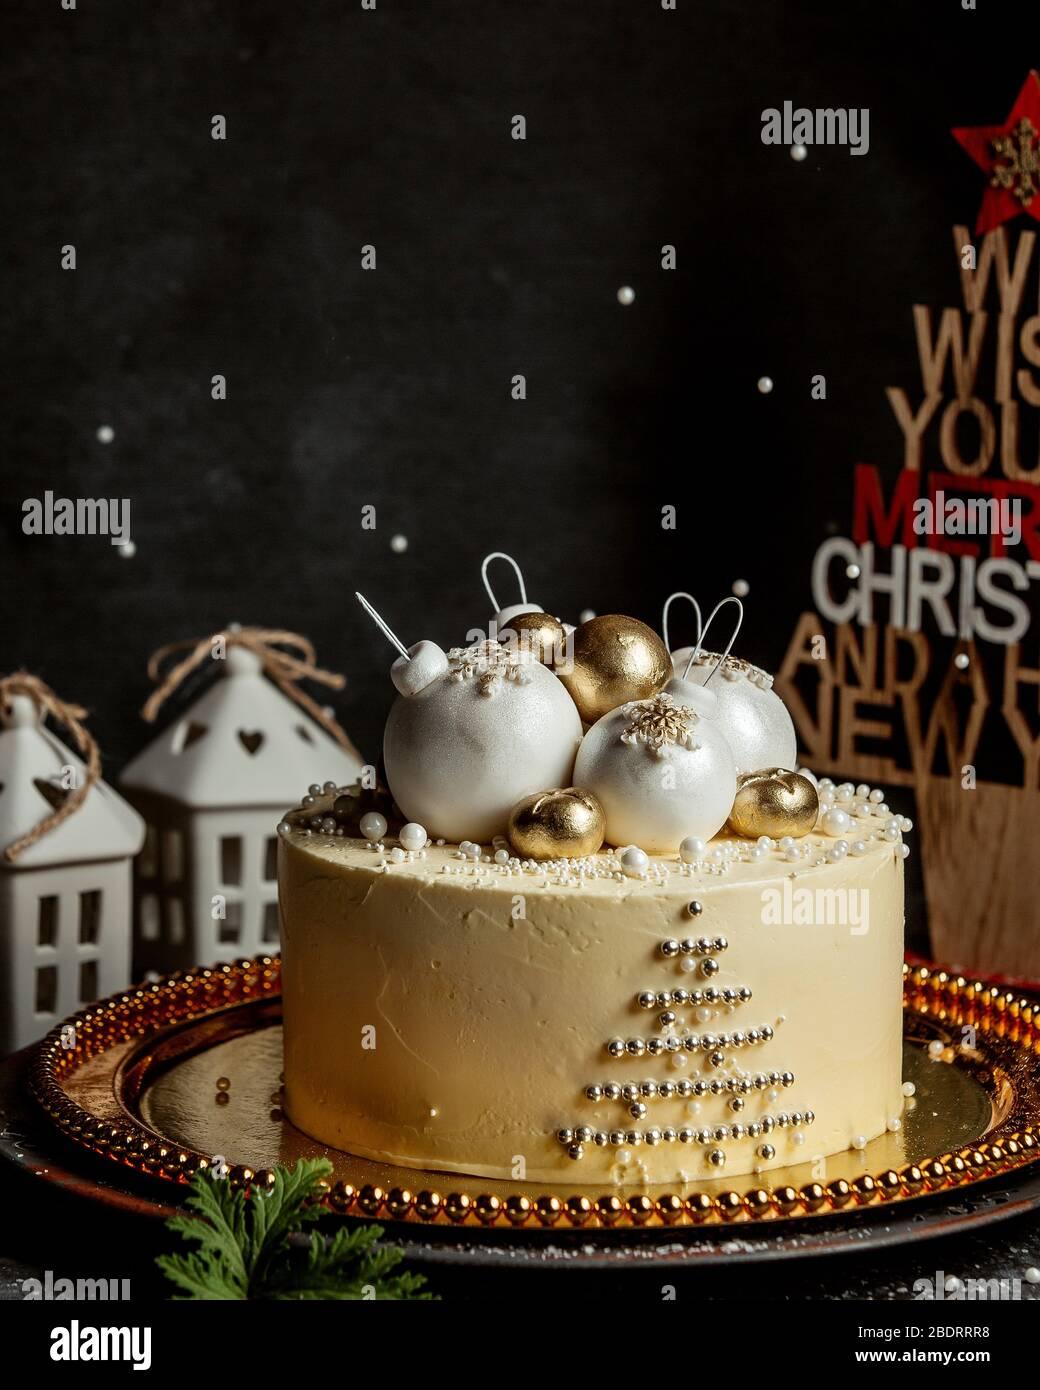 weihnachtskuchen mit Weihnachtsbaum Spielzeug in Gold und weiß gekrönt Stockfoto